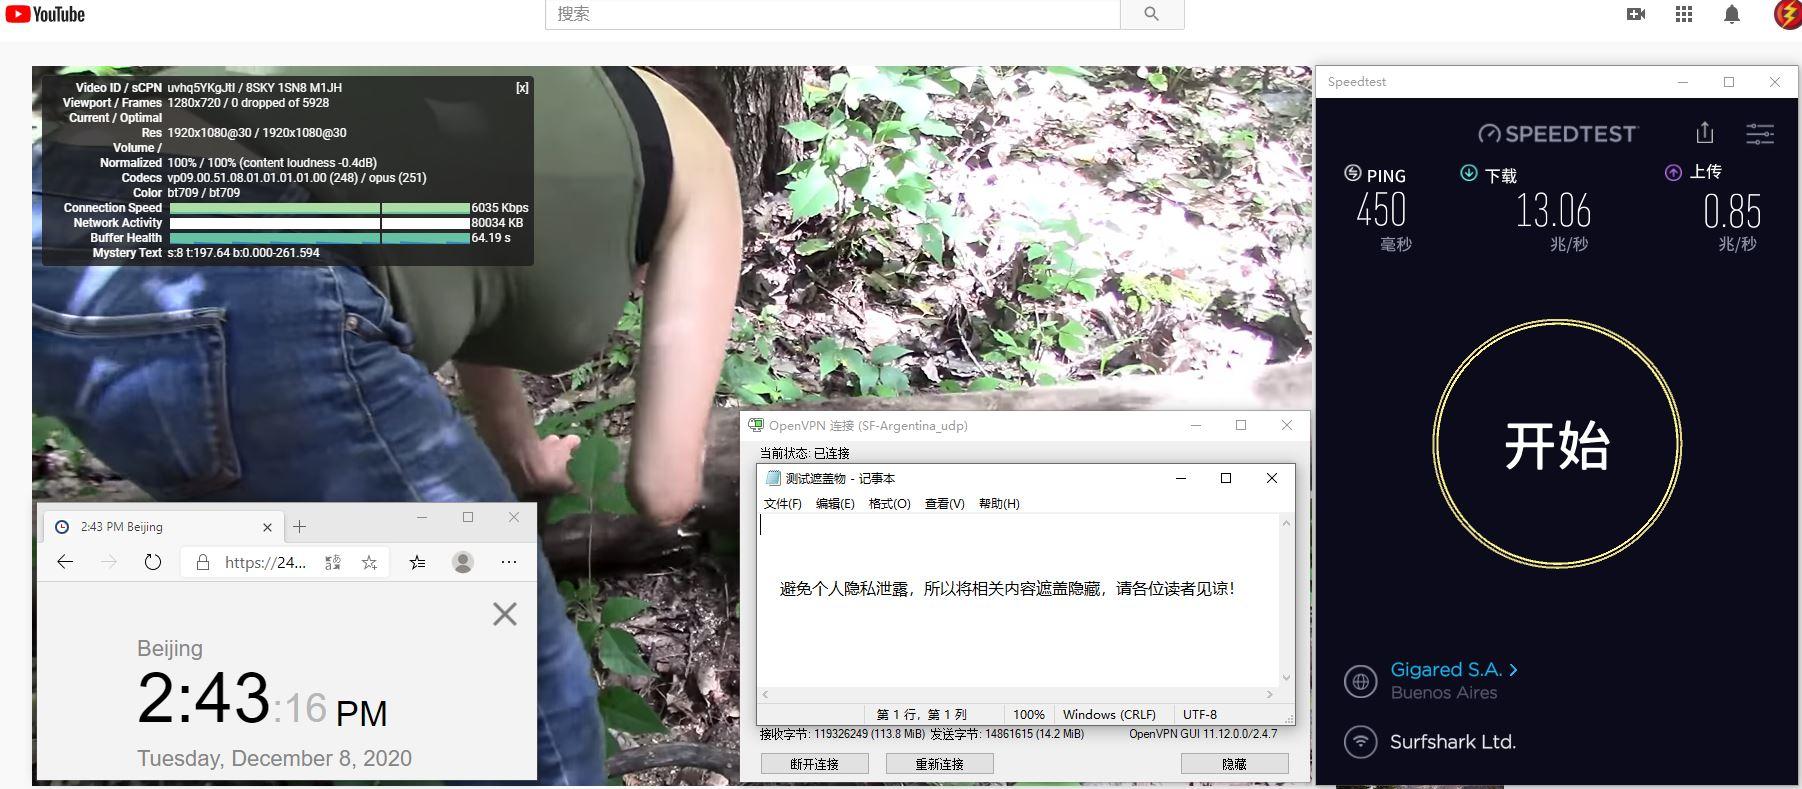 Windows10 SurfsharkVPN OpenVPN Gui 服务器 中国VPN 翻墙 科学上网 测试 - 20201208